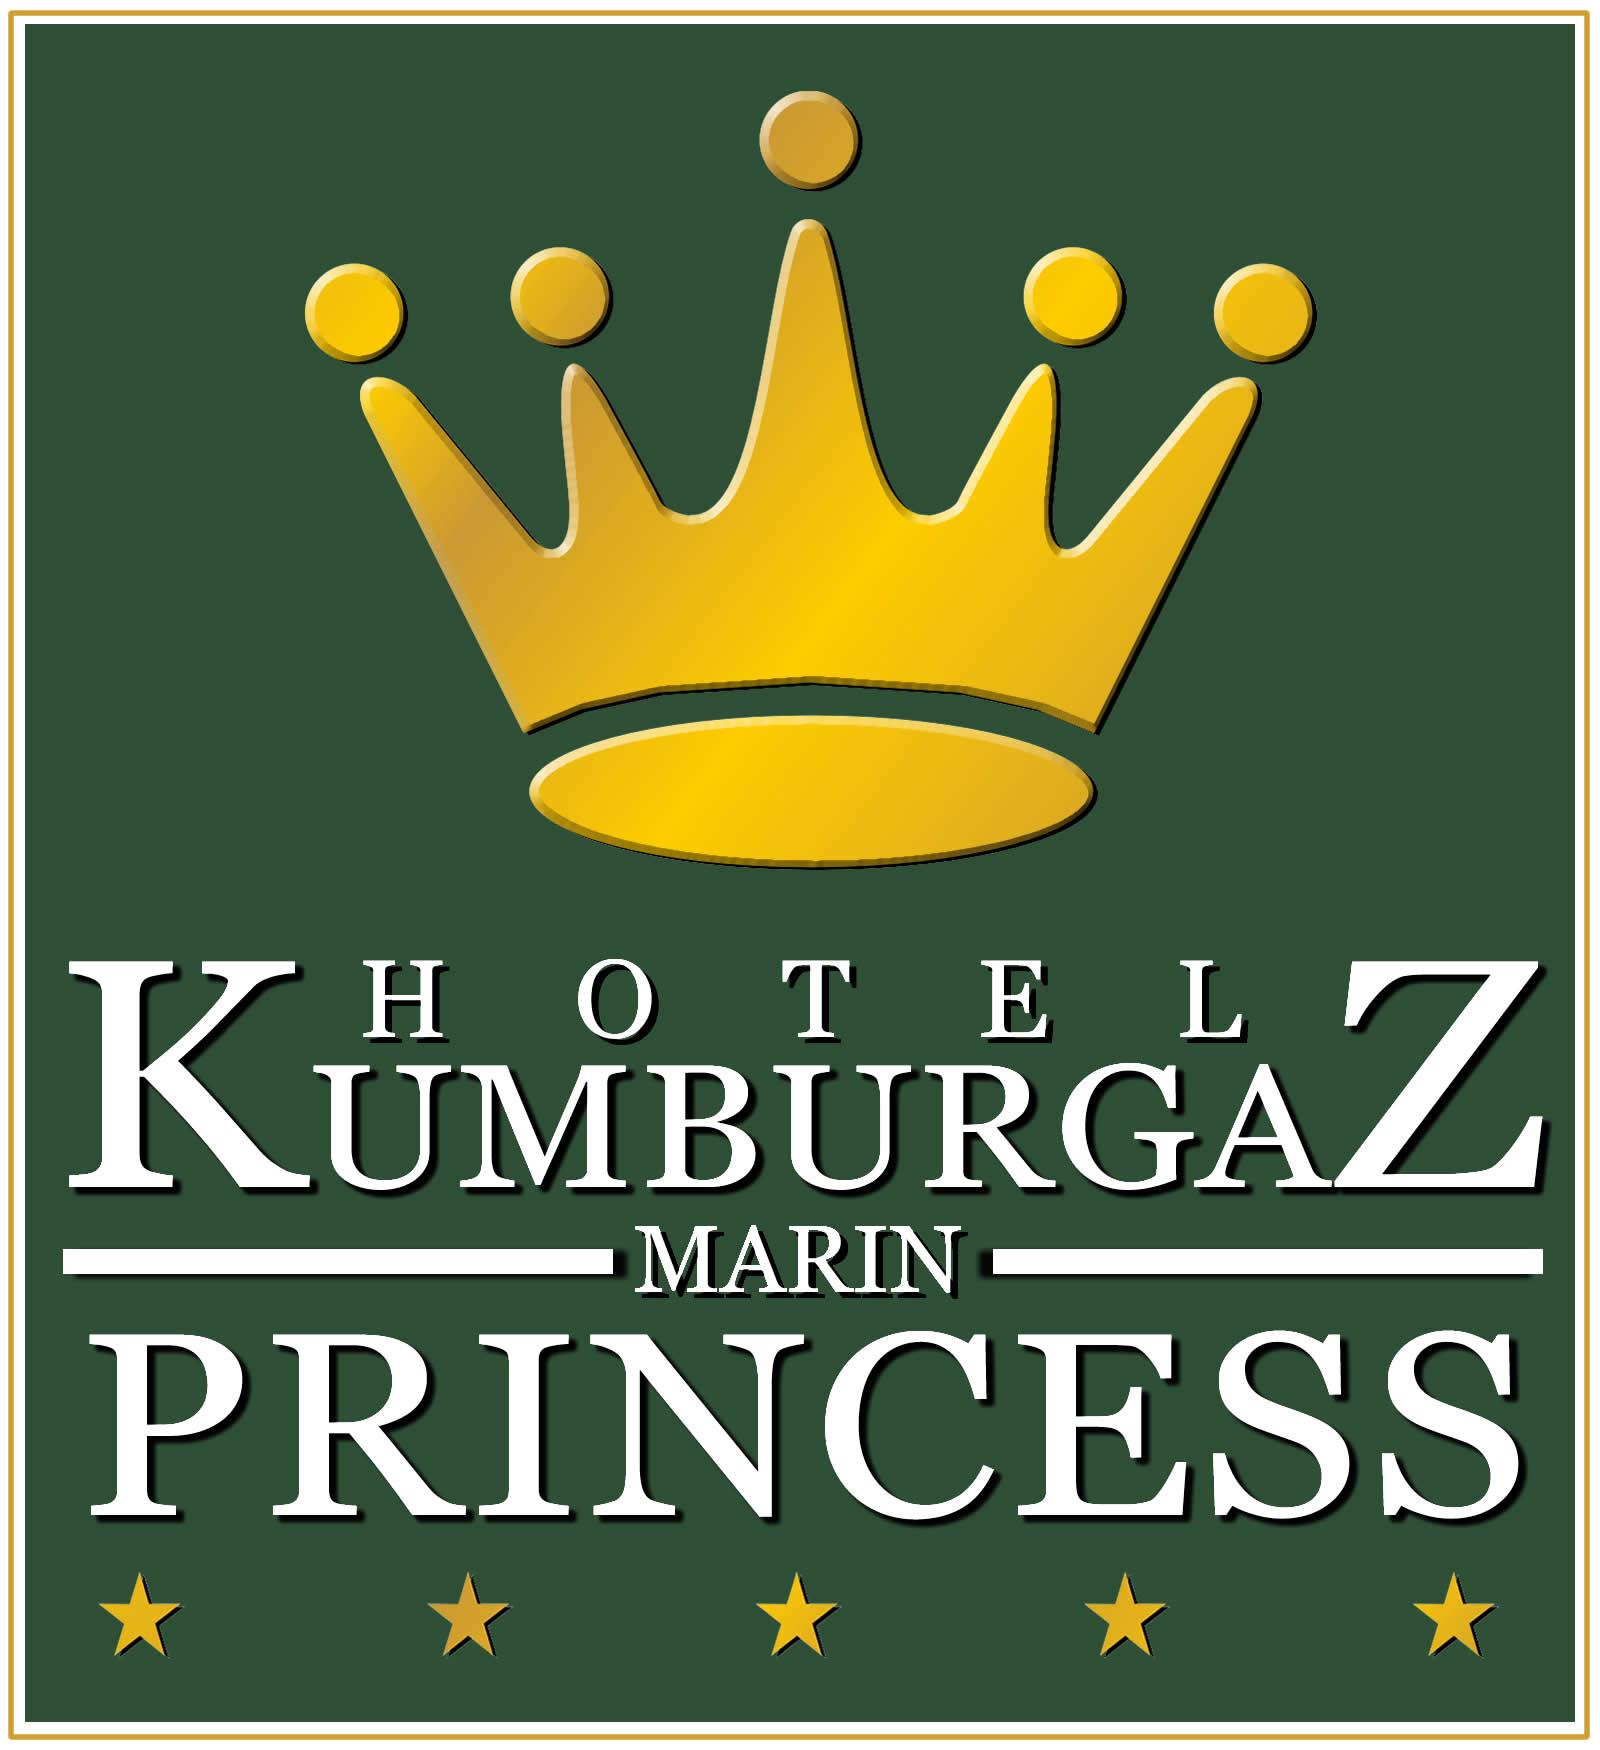 KUMBURGAZ MARİN PRİNCESS HOTEL